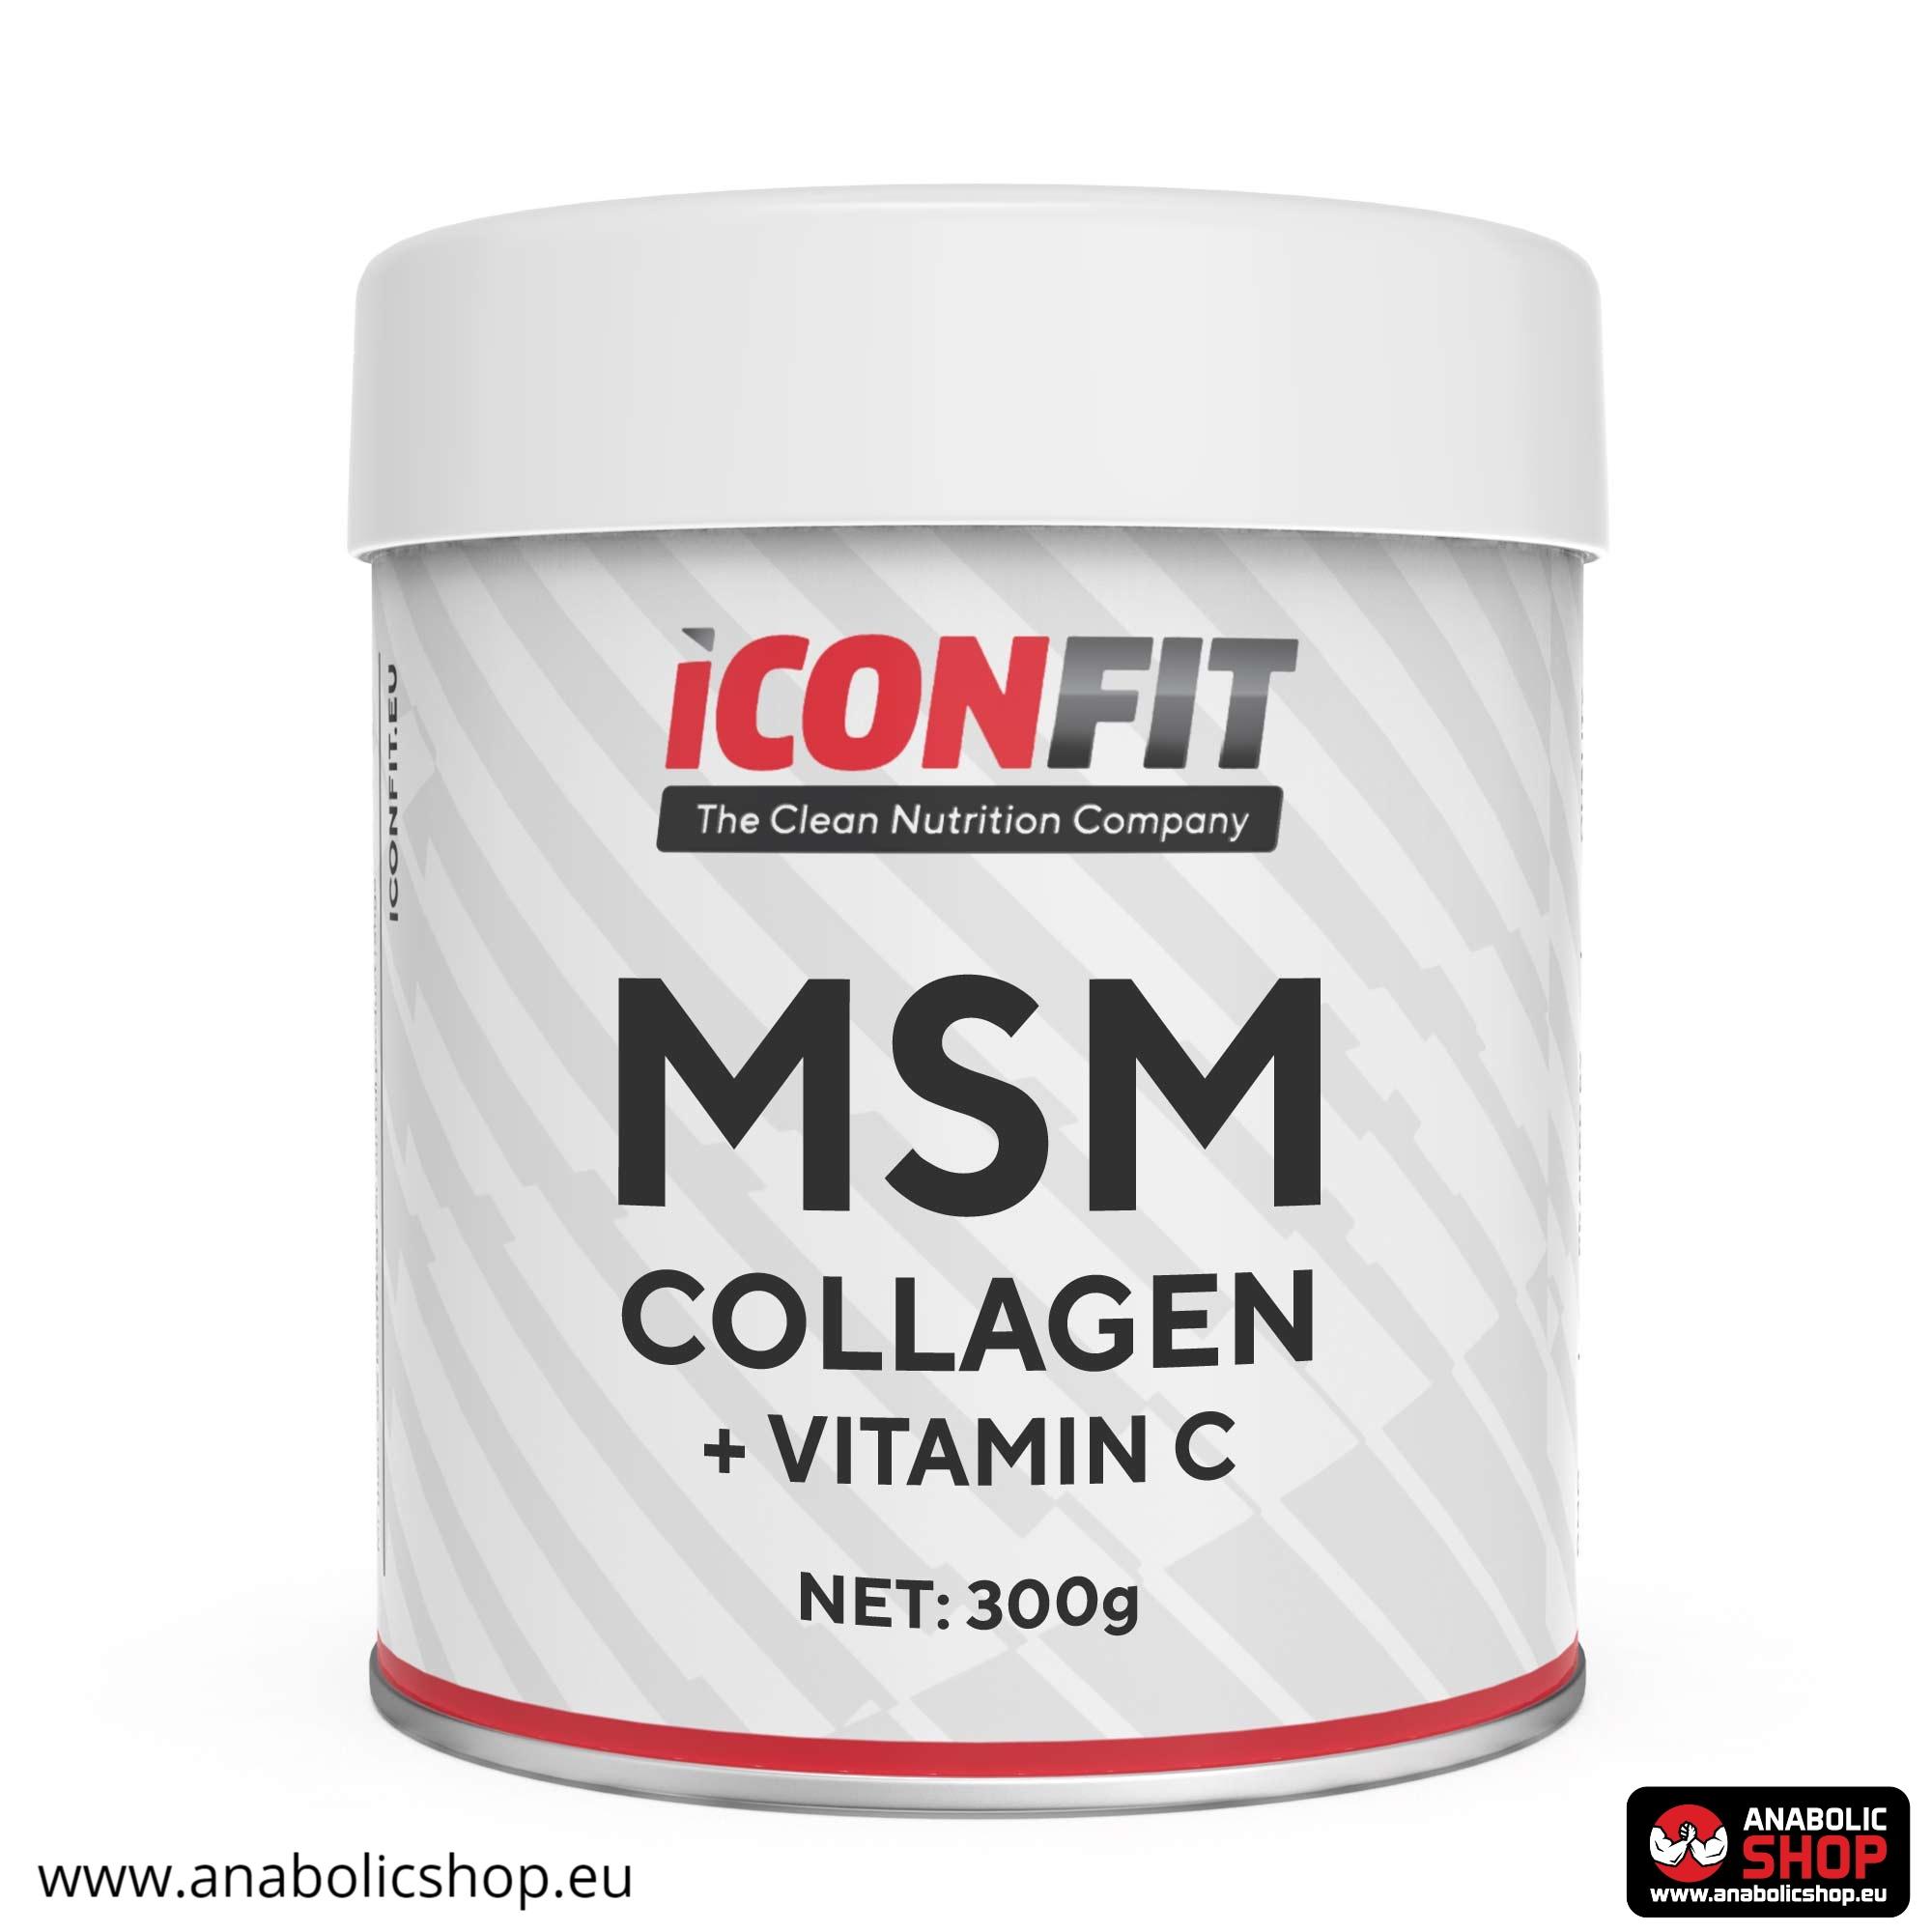 Iconfit MSM Collagen + Vitamin C